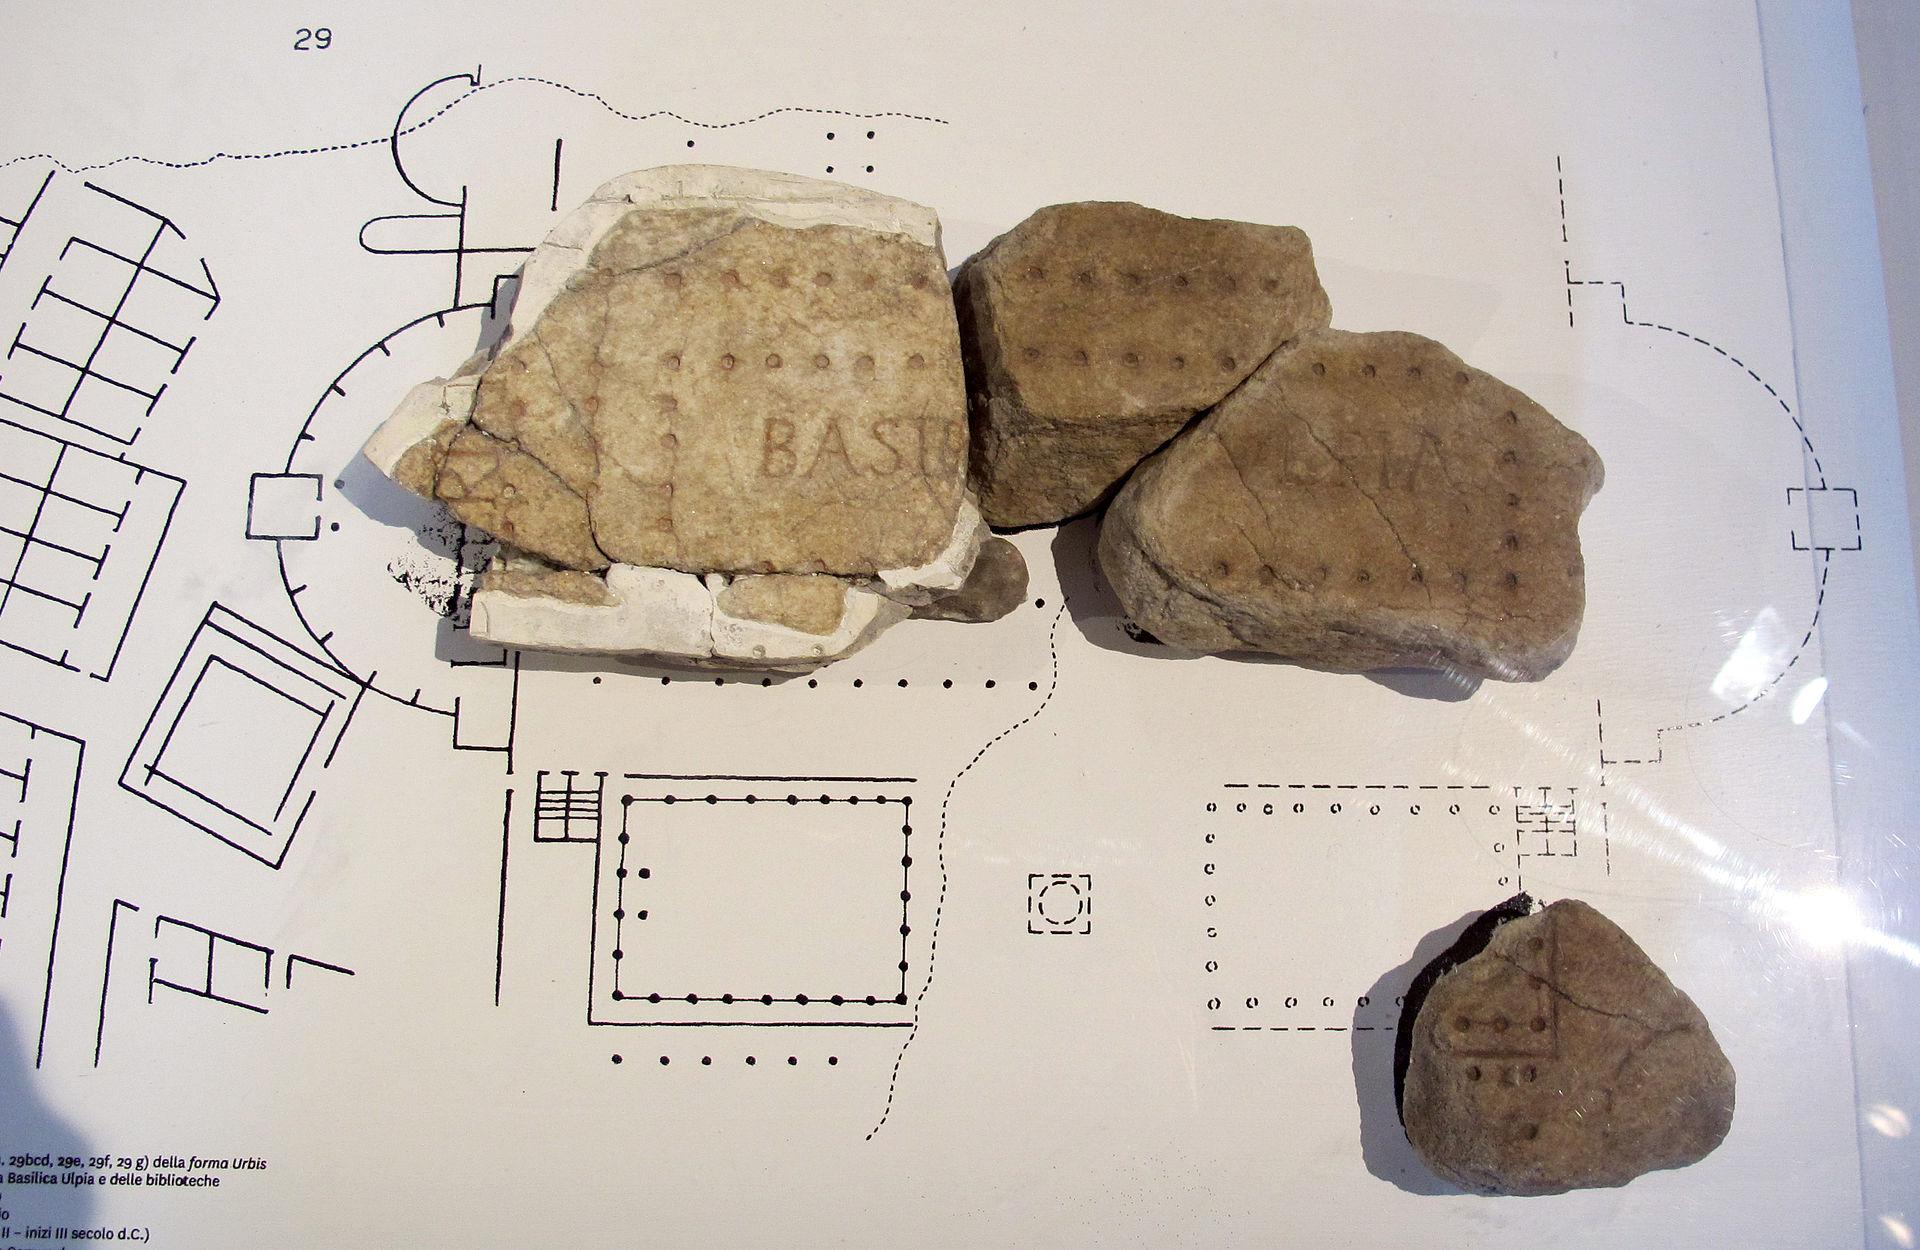 Frammenti della forma urbis con Basilica Ulpia e biblioteche del Foro di Traiano.